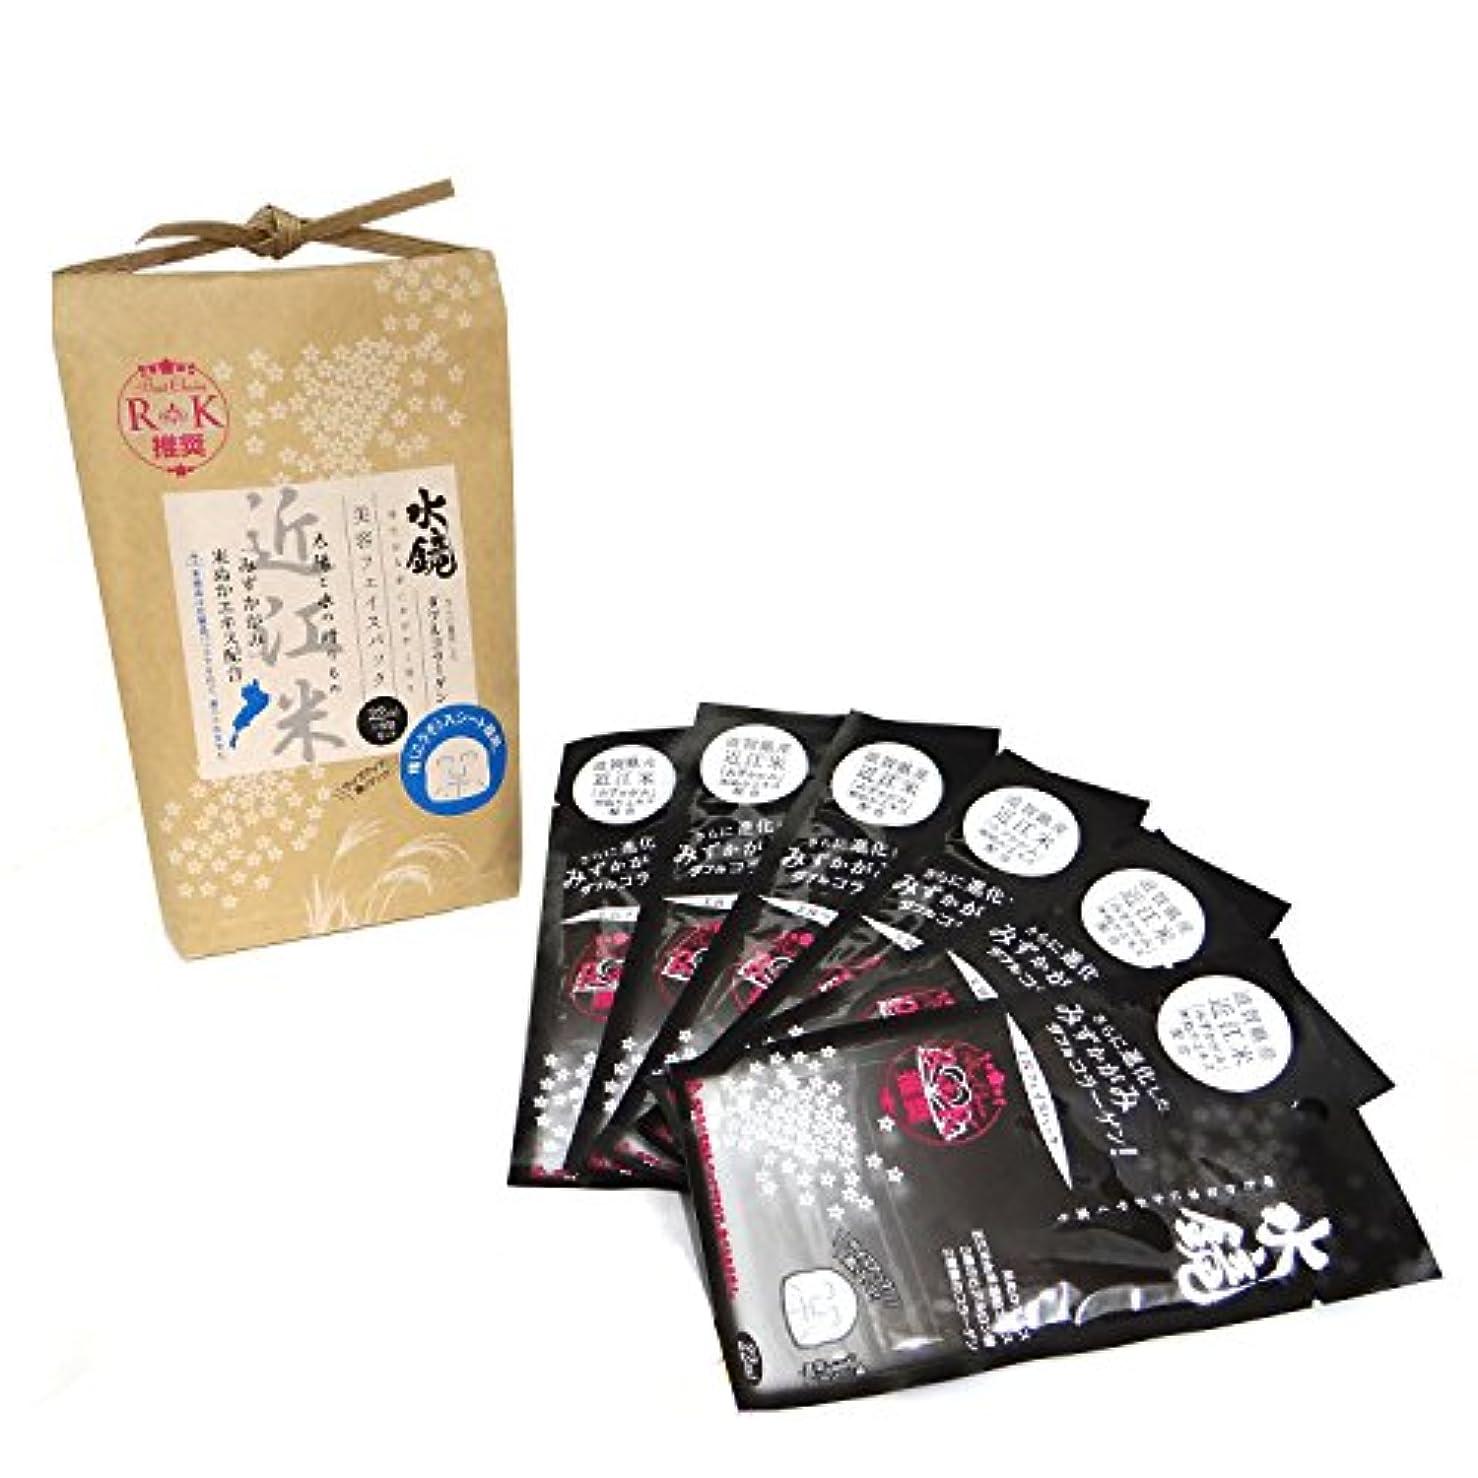 液化する耕すそれに応じて水鏡美容フェイスパック米袋6包セット22ml